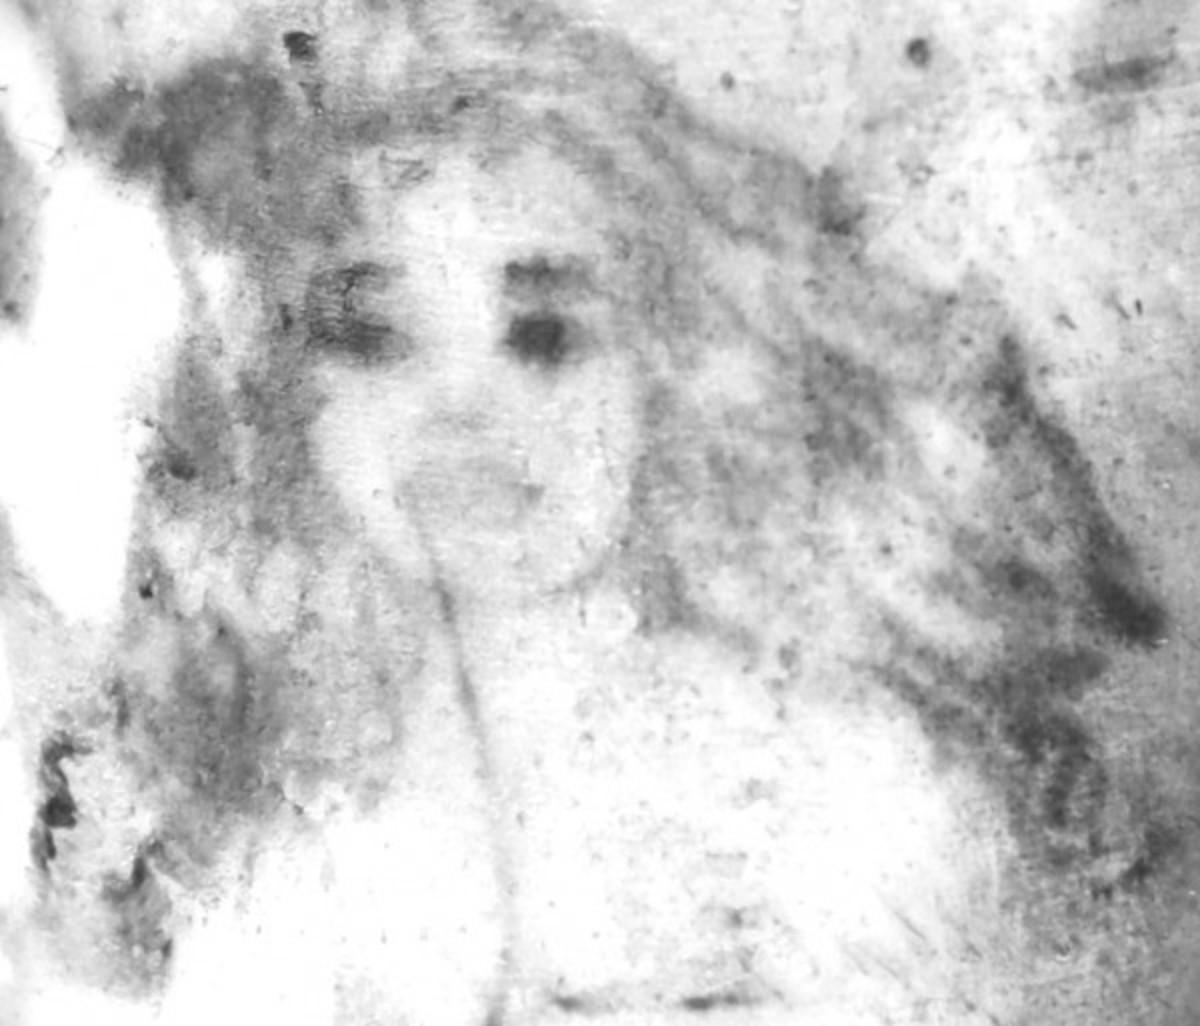 Αναγνωρίστηκε το πτώμα που είχε βρεθεί καμμένο στα Λιμανάκια – ΣΚΛΗΡΕΣ ΕΙΚΟΝΕΣ